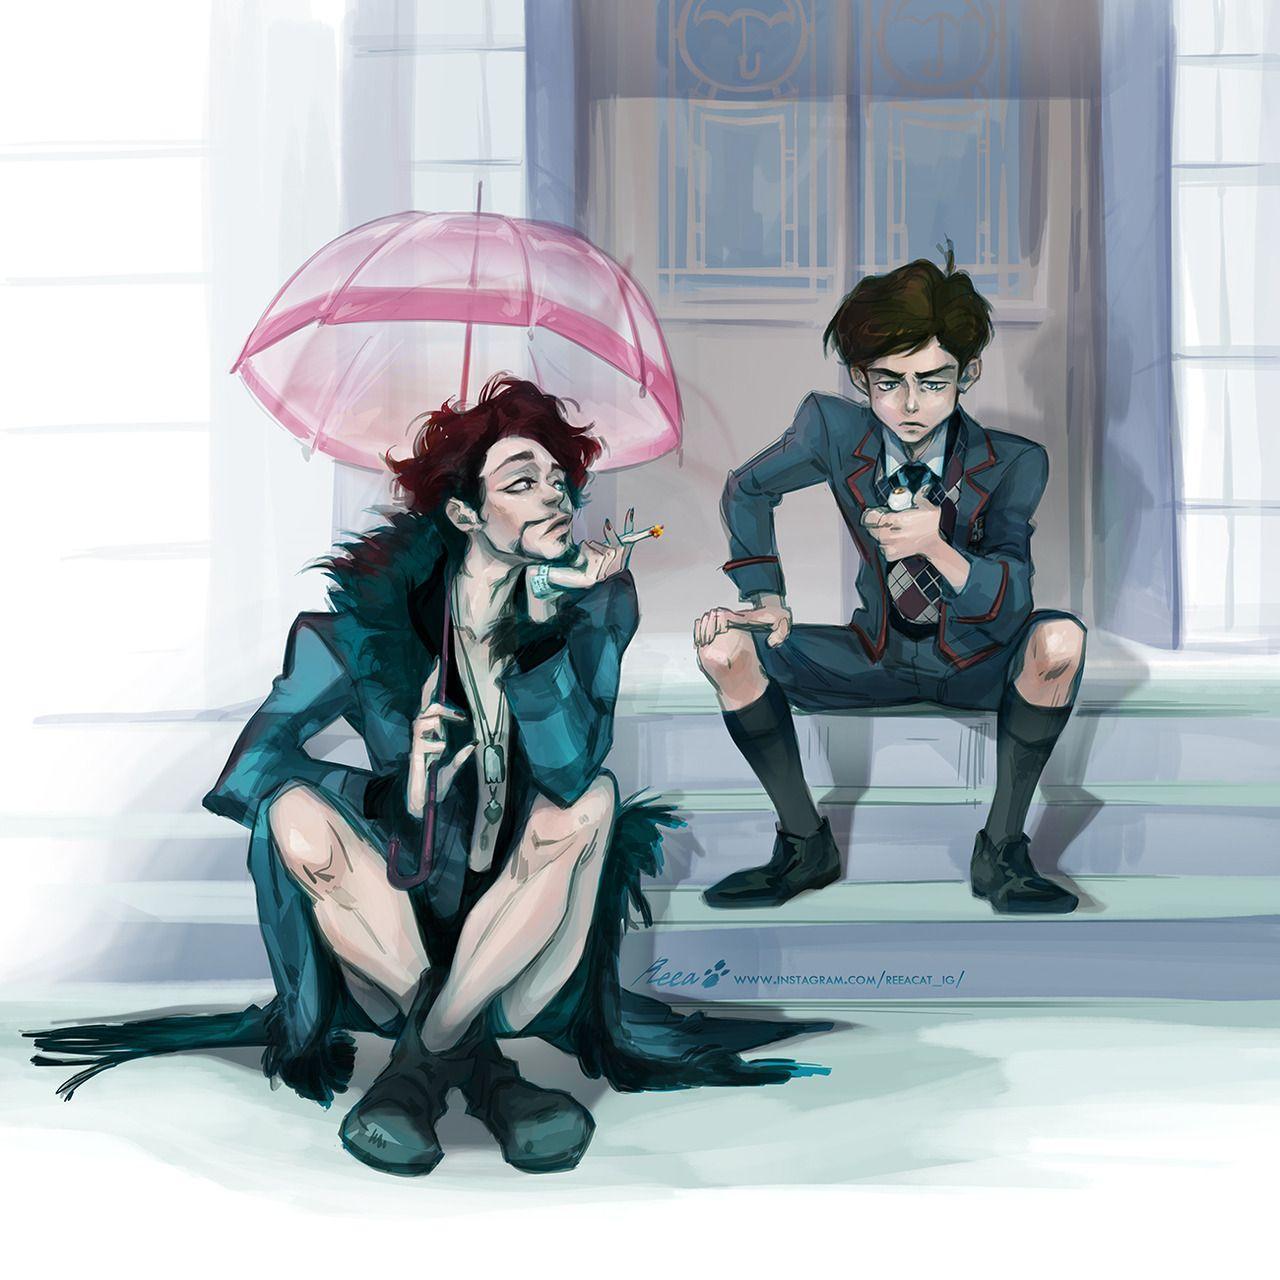 Give Klaus His 20 Bucks You Coward Under My Umbrella